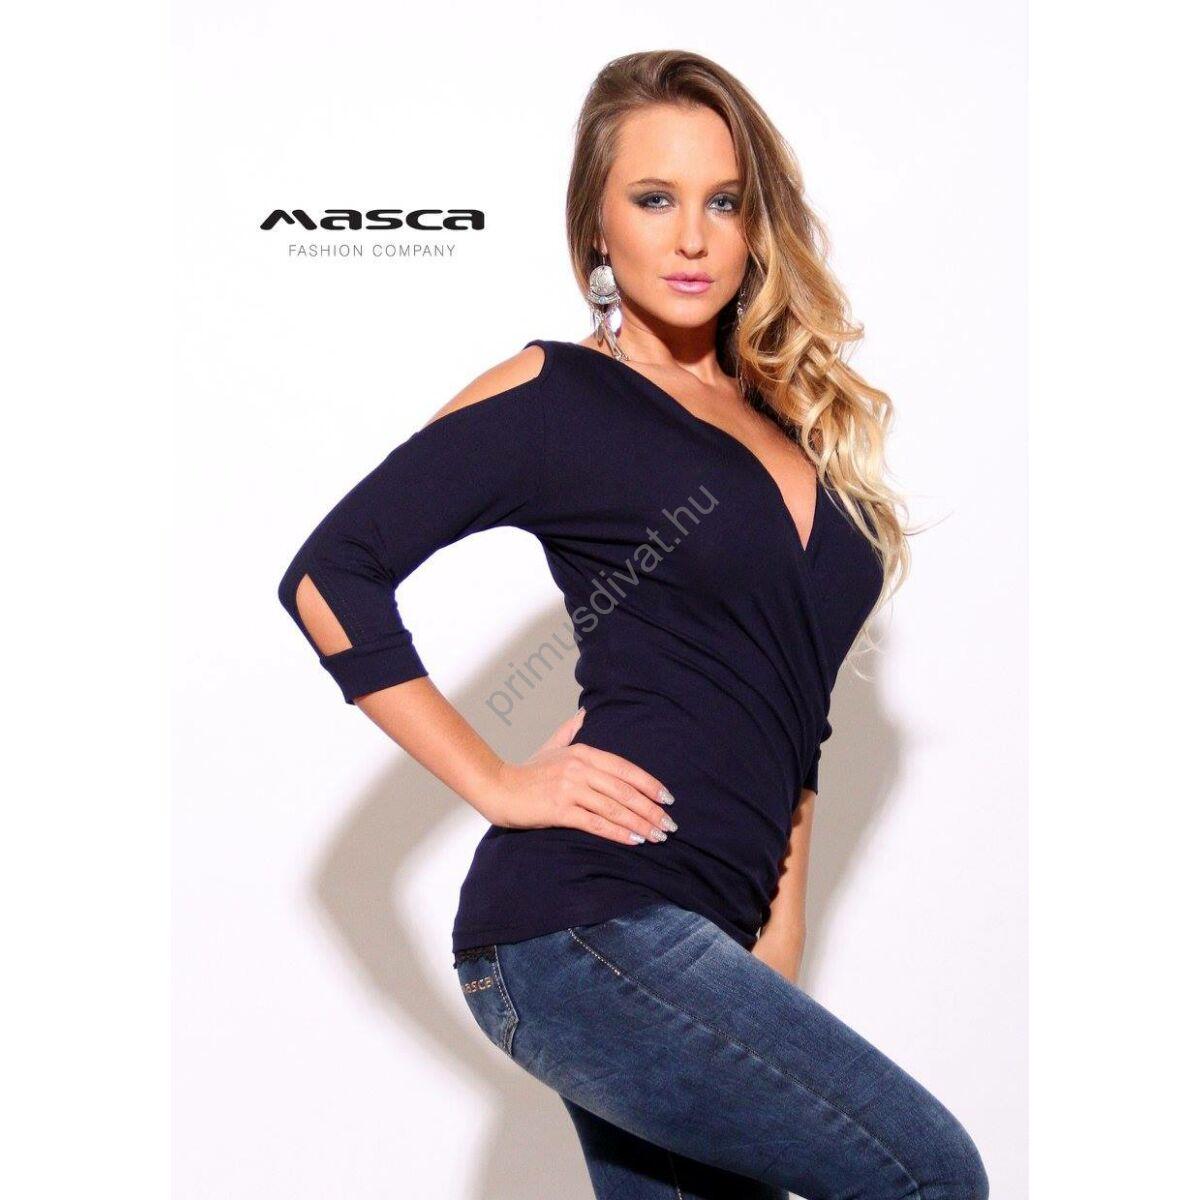 Masca Fashion átlapolt háromnegyedes ujjú nyitott vállú sötétkék felső 1004d8a933